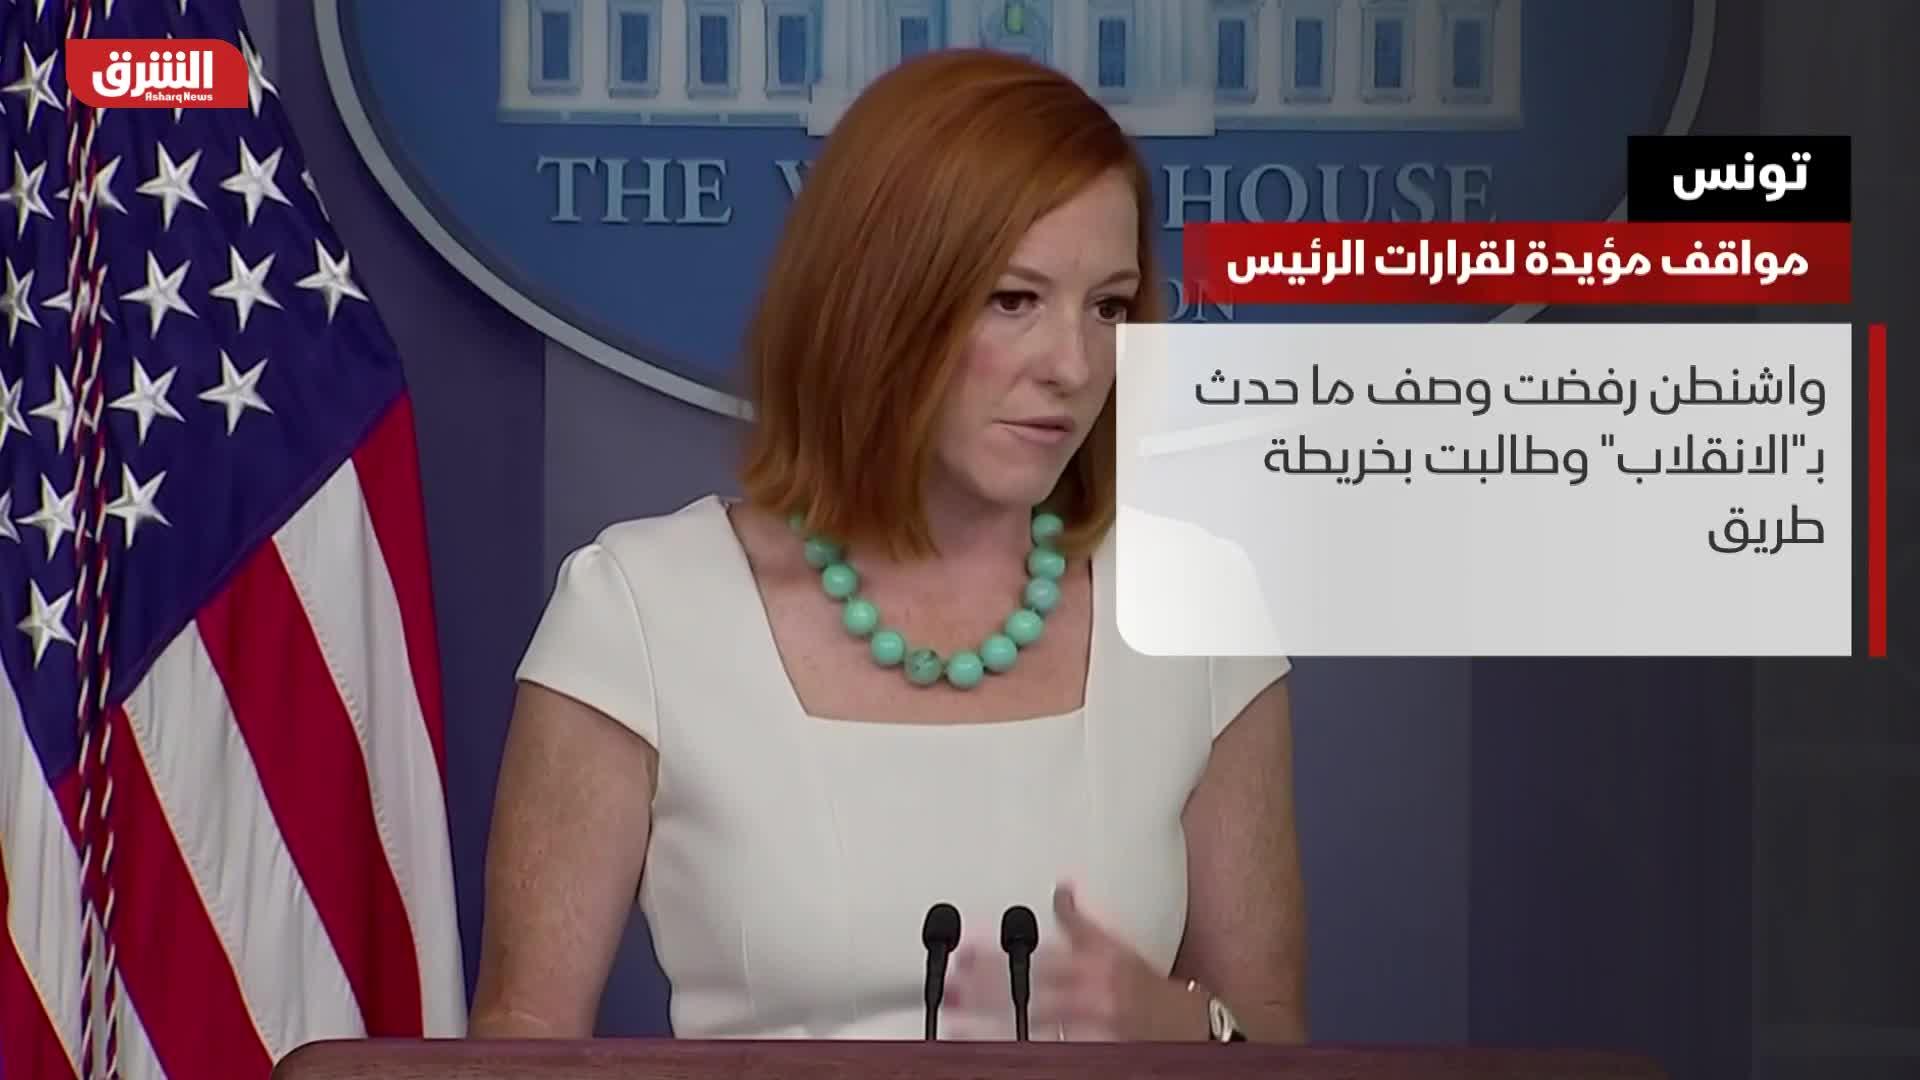 تونس.. مواقف مؤيدة لقرارات الرئيس